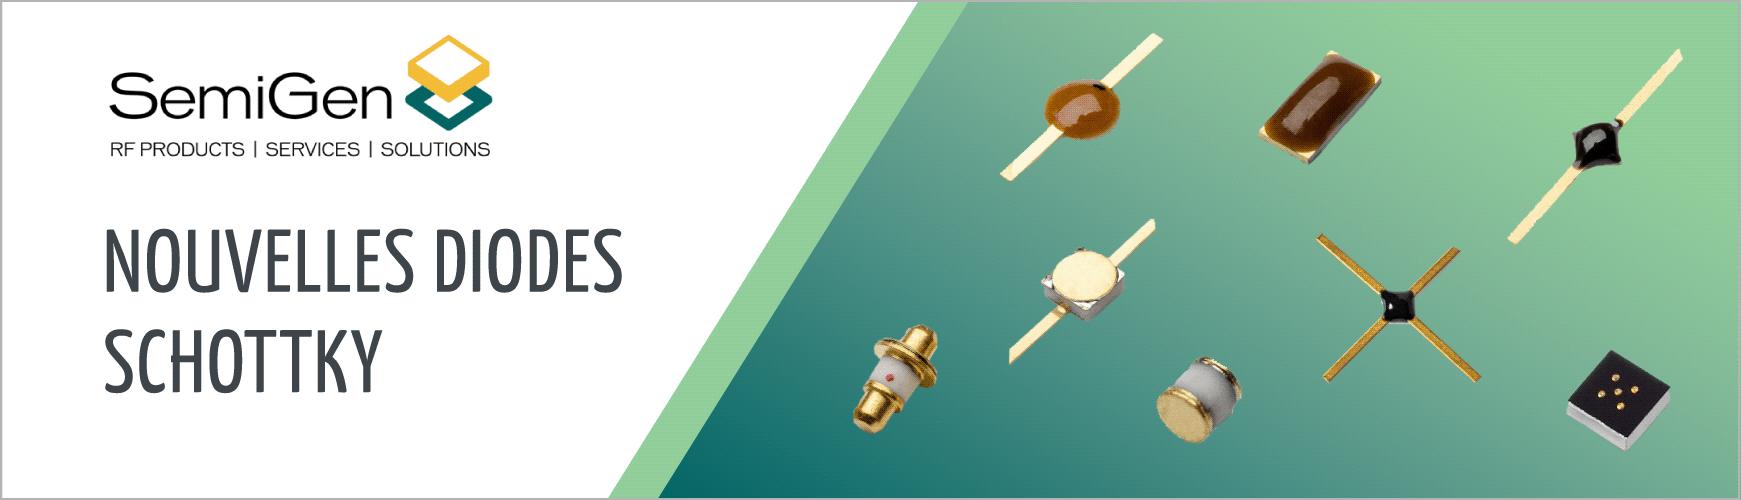 """ES présente les diodes Schottky et Schottky """"Barrier Ring Quad"""", par SemiGen"""